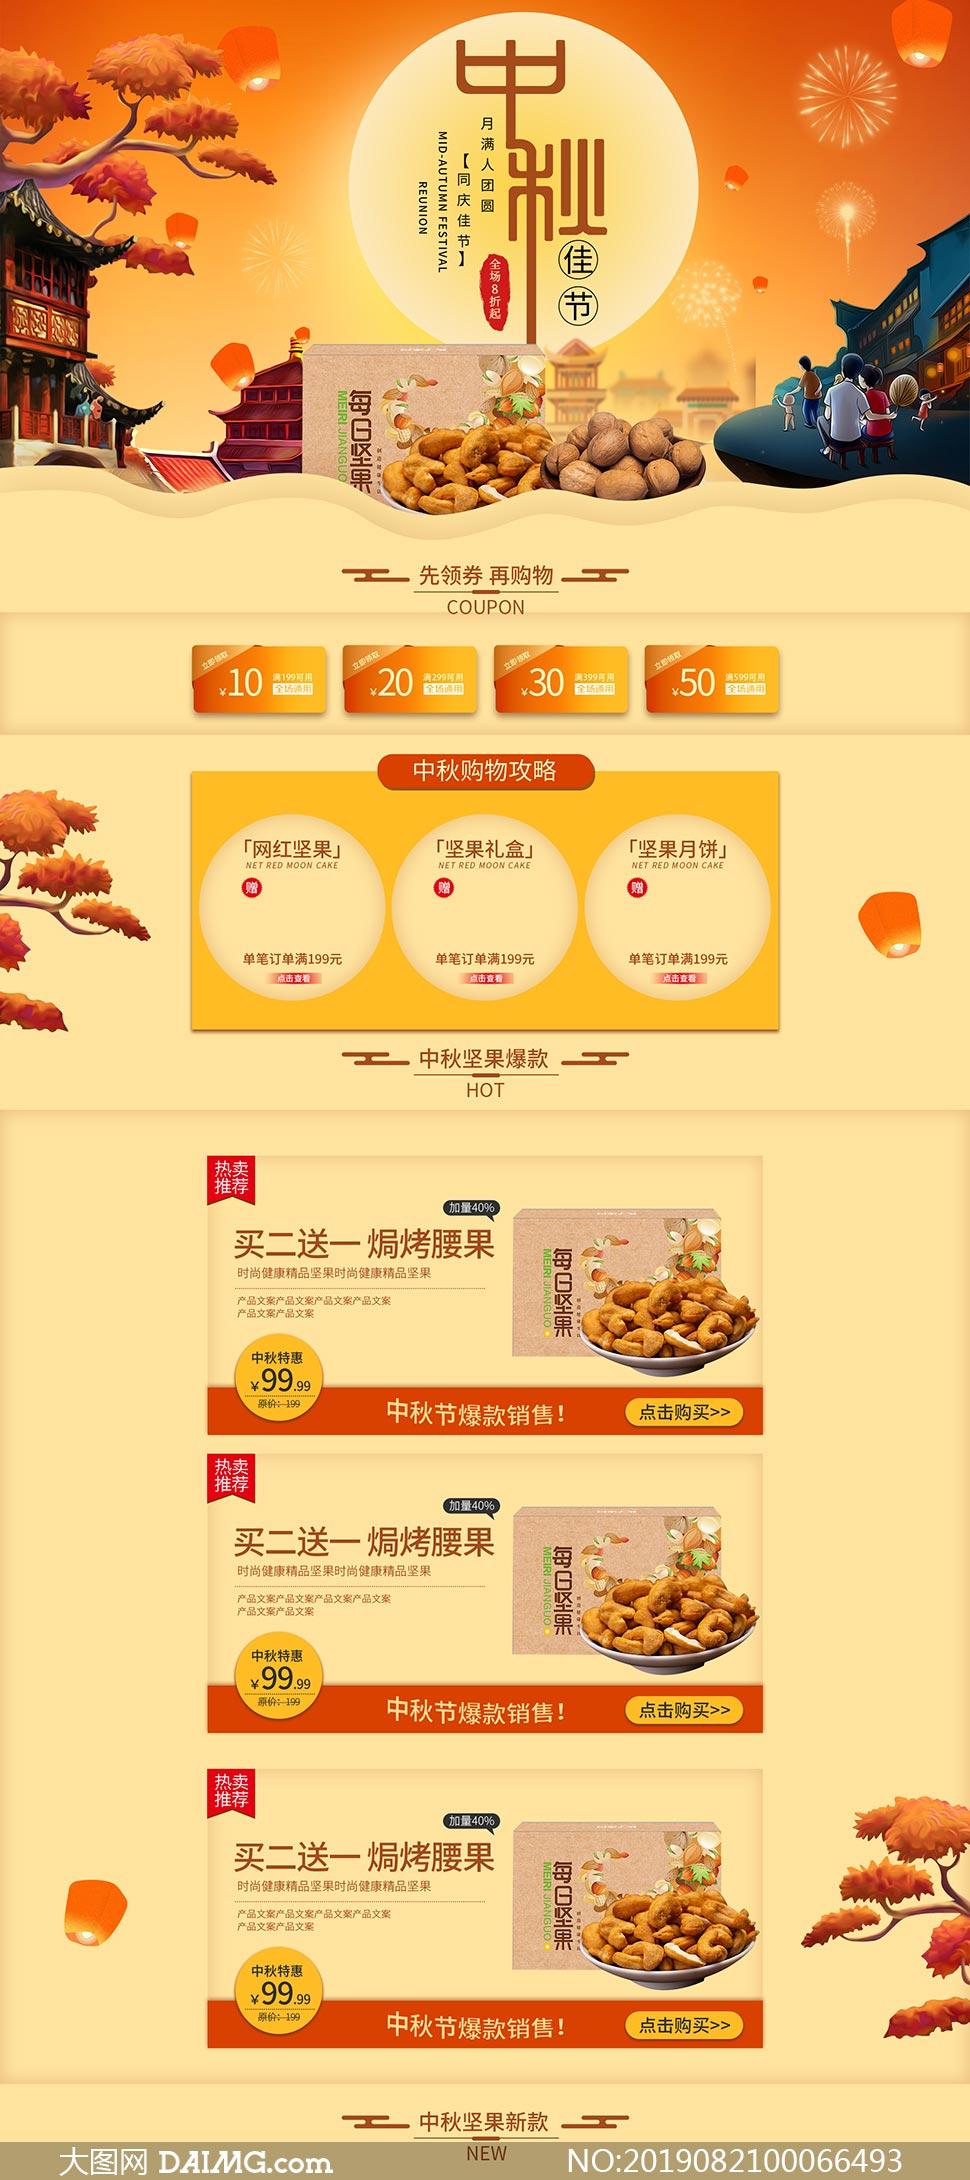 淘宝中秋节坚果店铺首页设计PSD素材